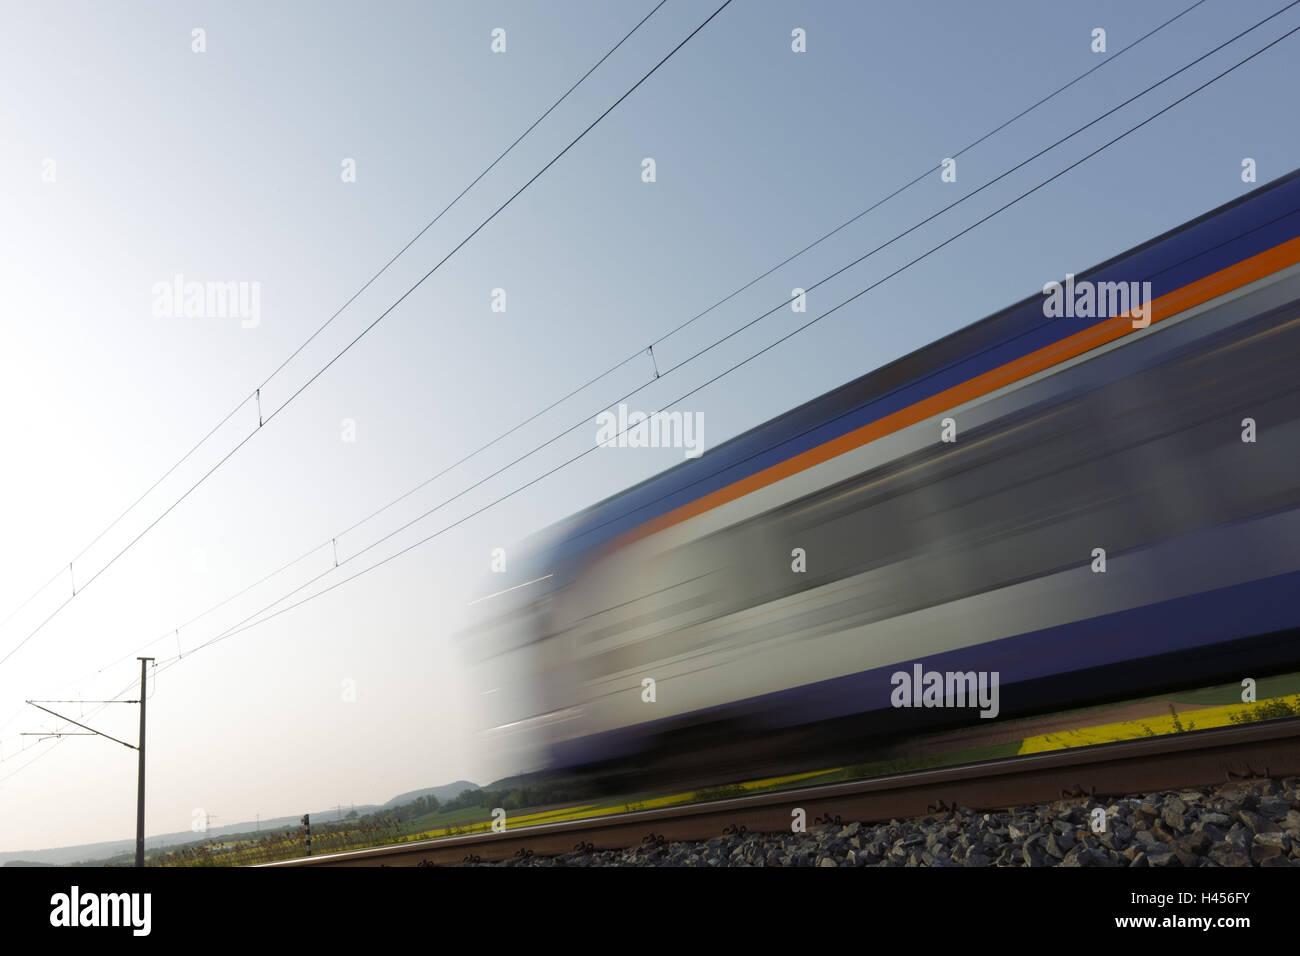 Rice train, blurs, back light, - Stock Image